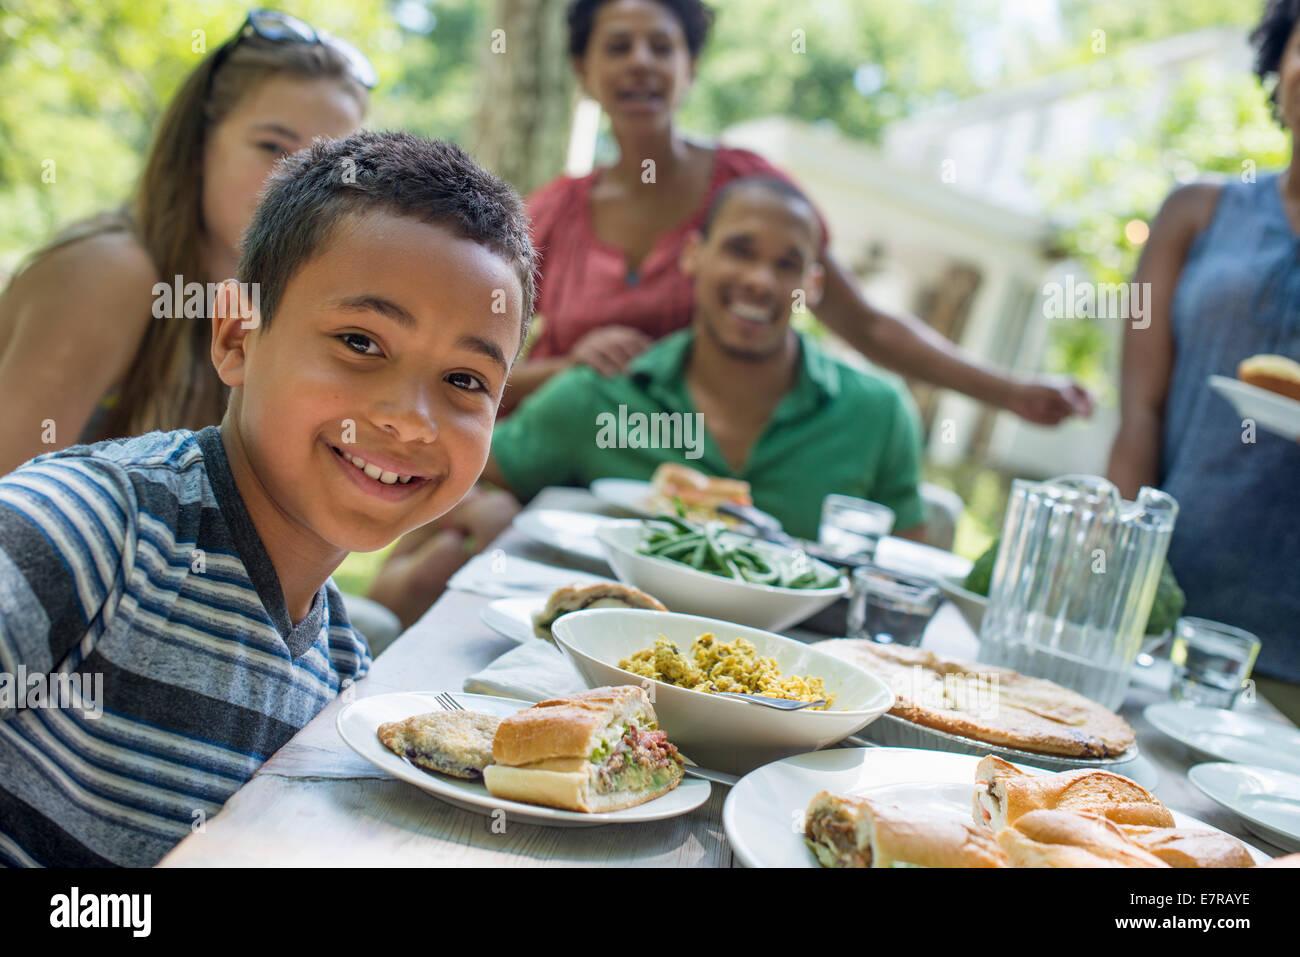 Une réunion de famille, hommes, femmes et enfants autour d'une table dans un jardin en été. Un Photo Stock